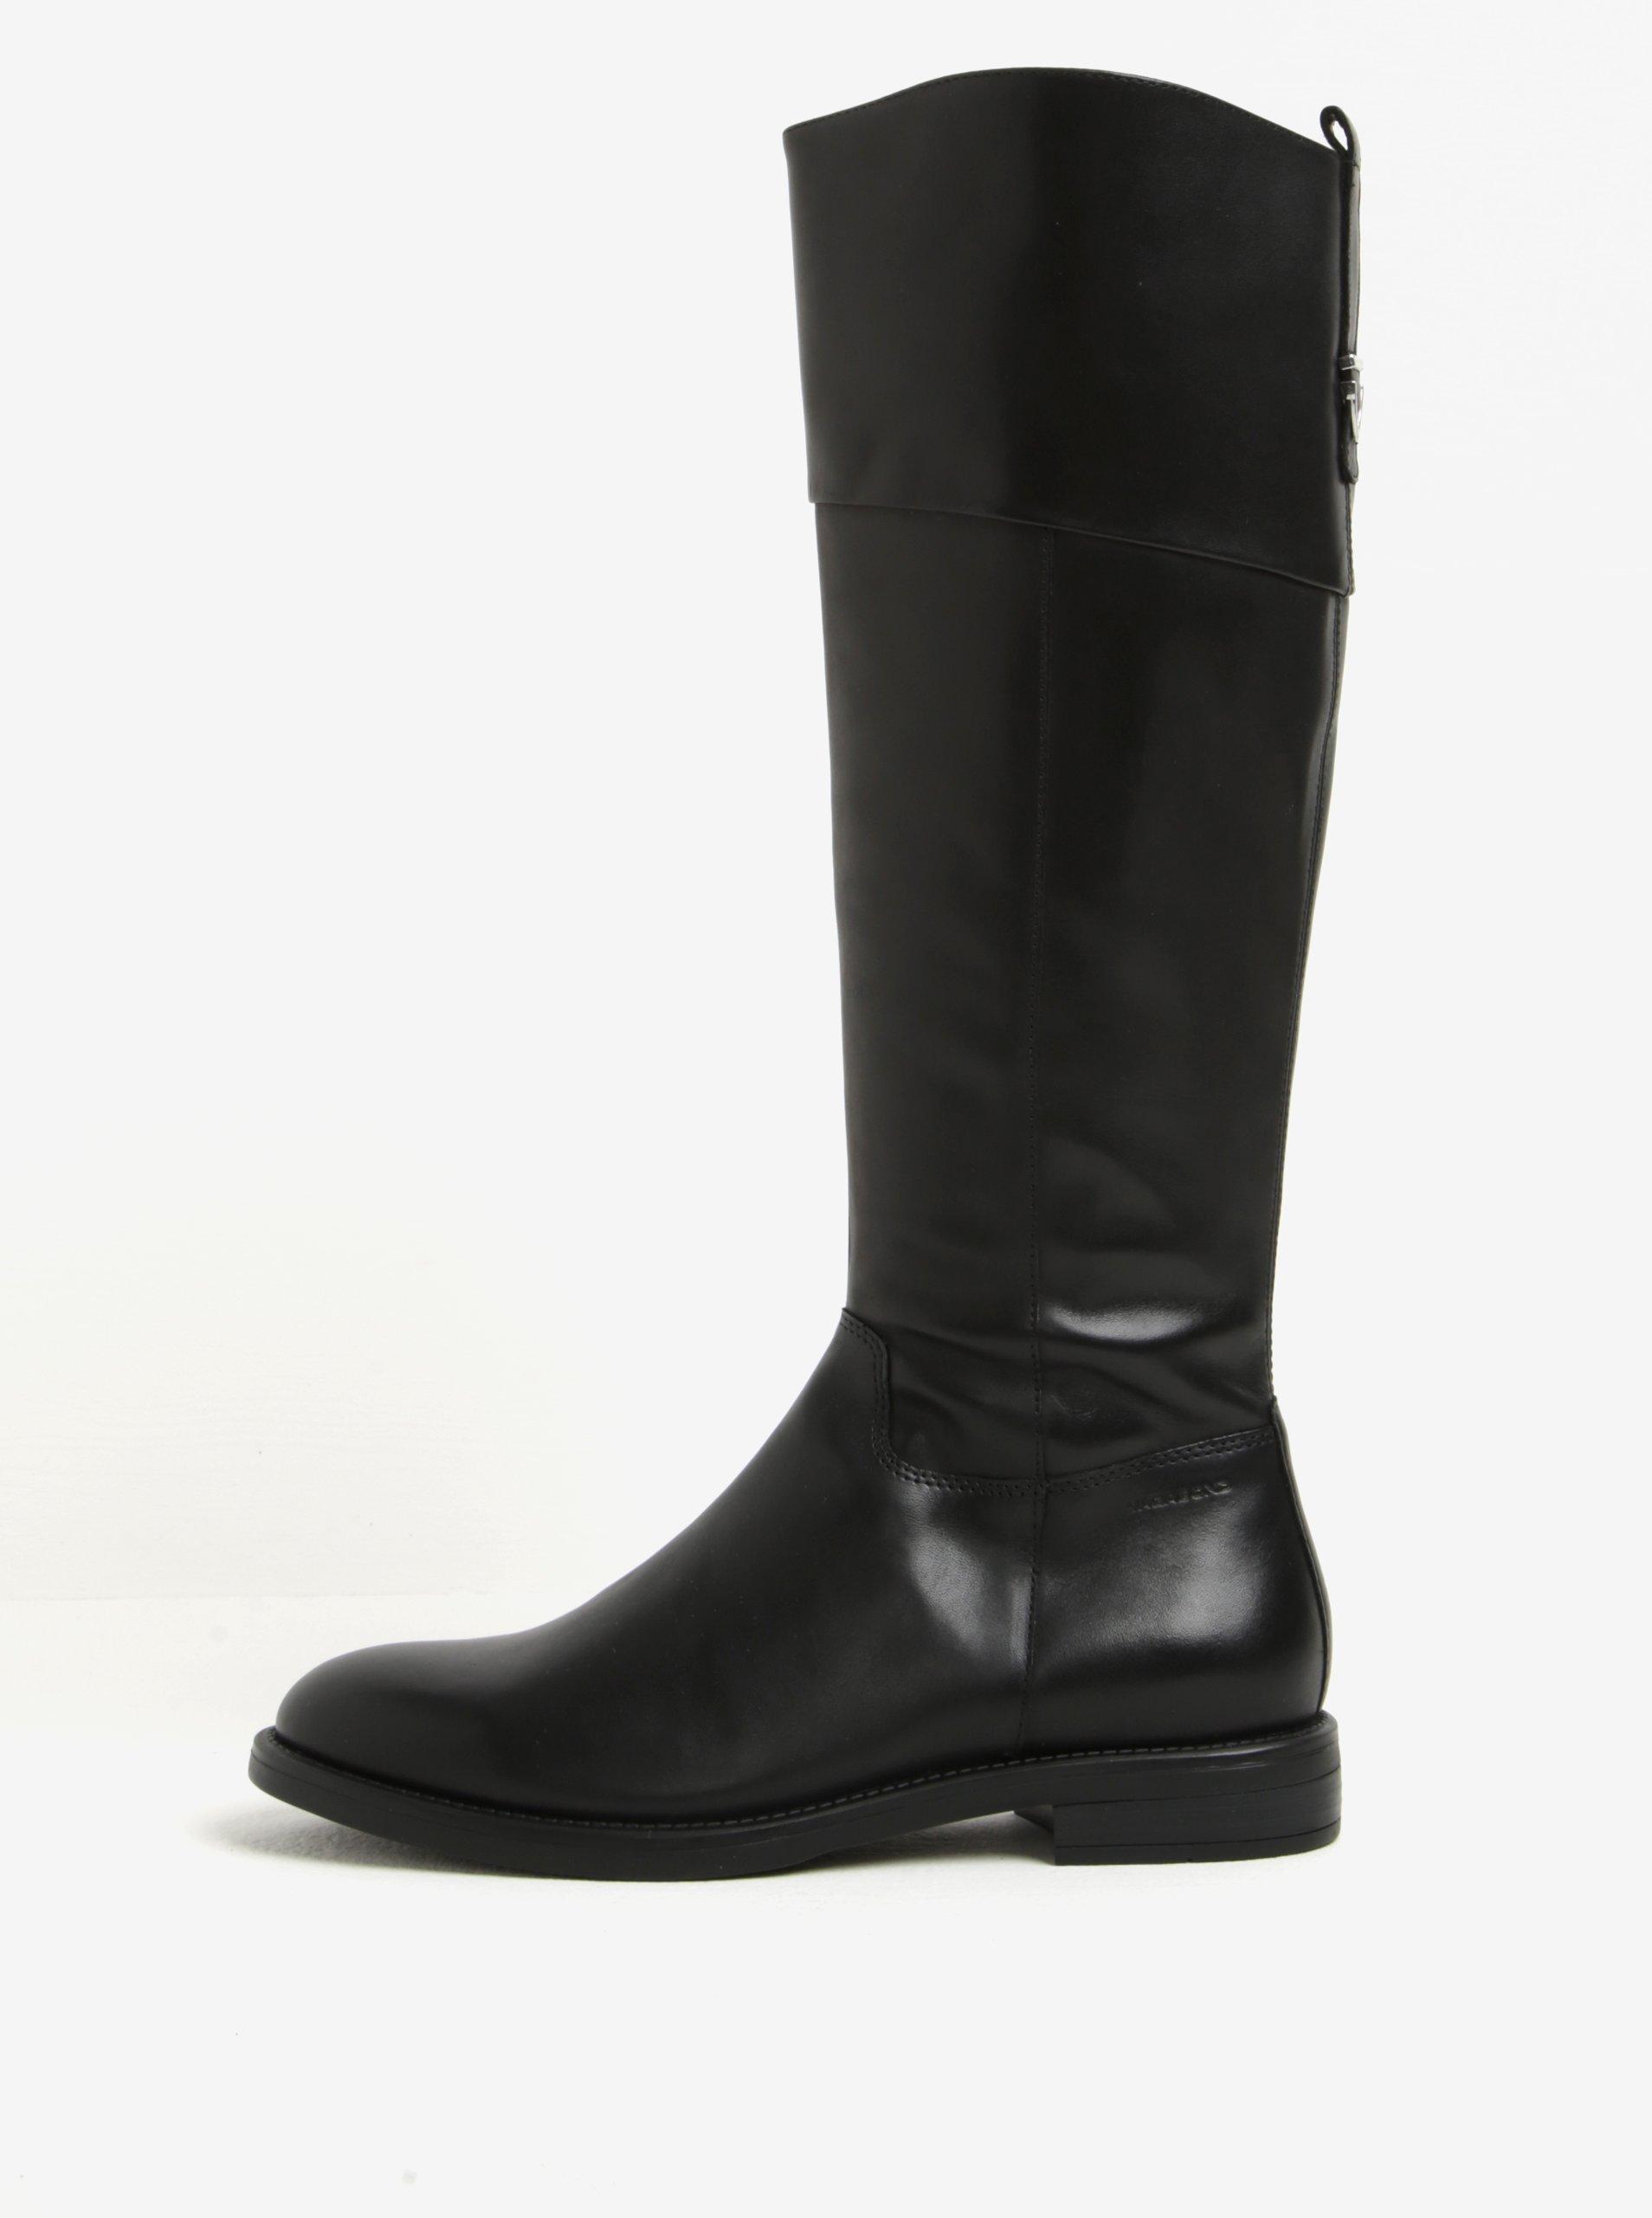 74faf1d5076bd Čierne dámske vysoké kožené čižmy Vagabond Amina | Moda.sk